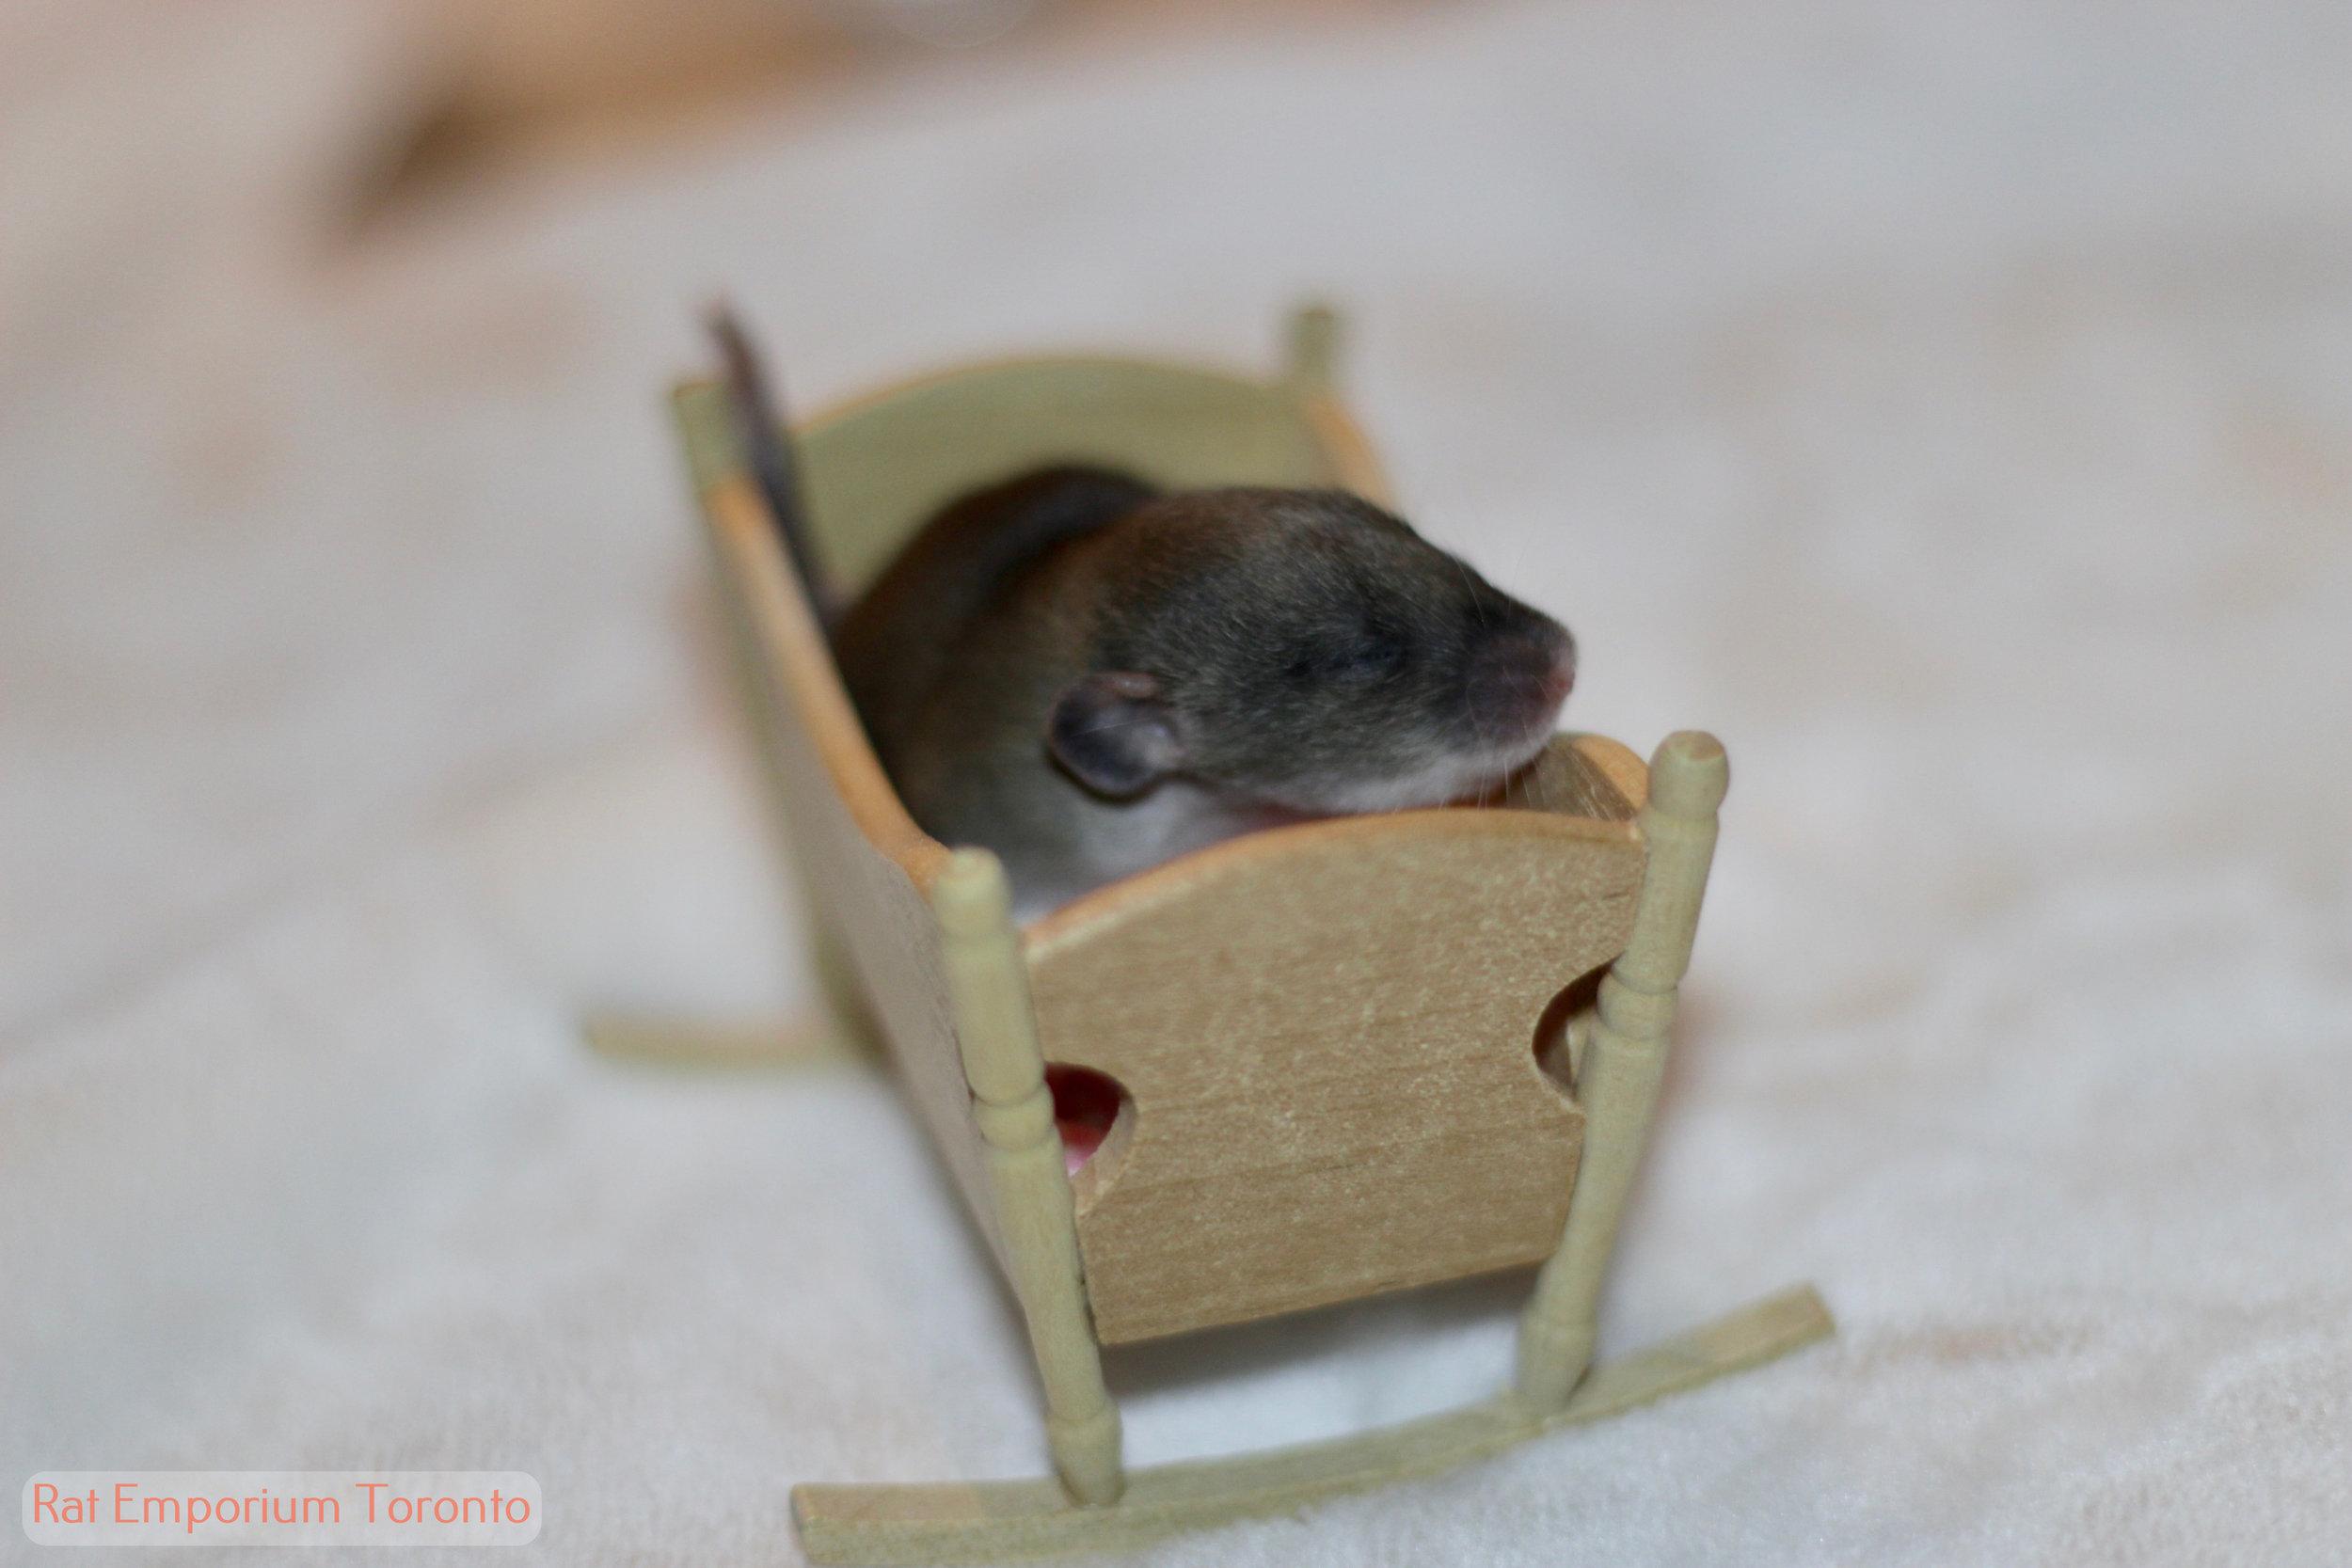 agouti dumbo rat